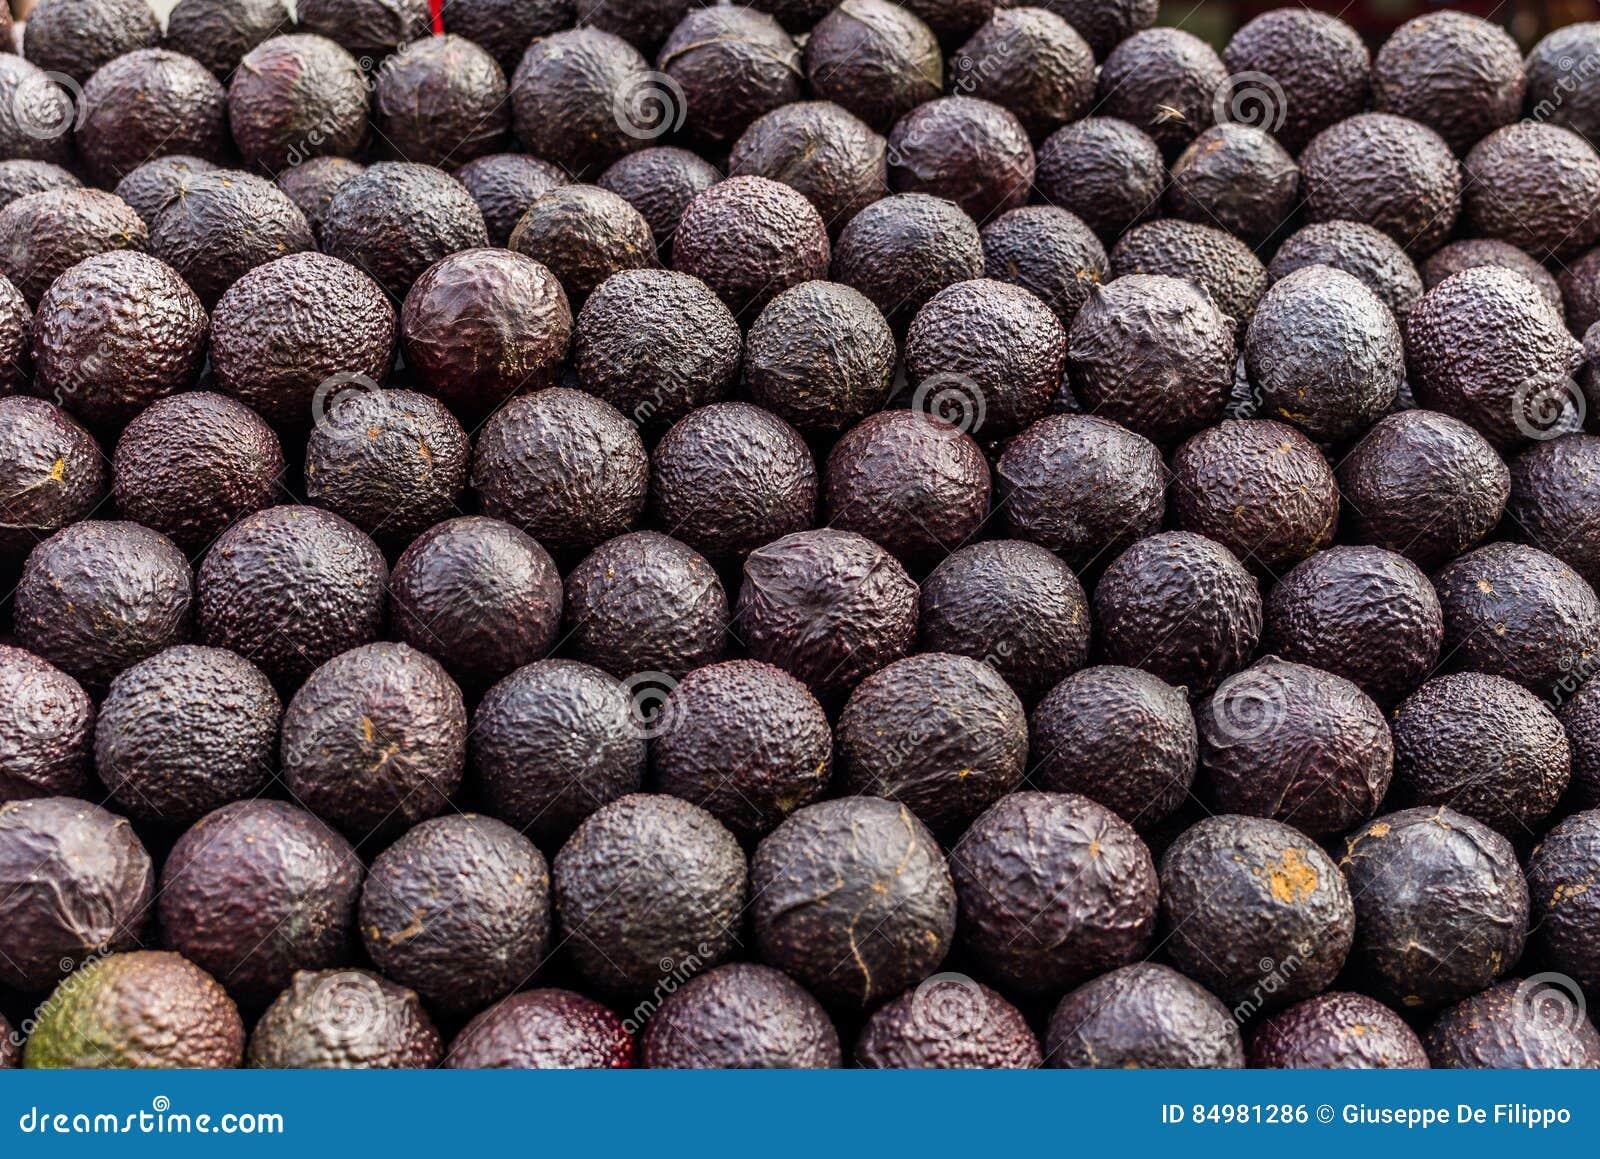 Avokadon på en marknad i Mexico